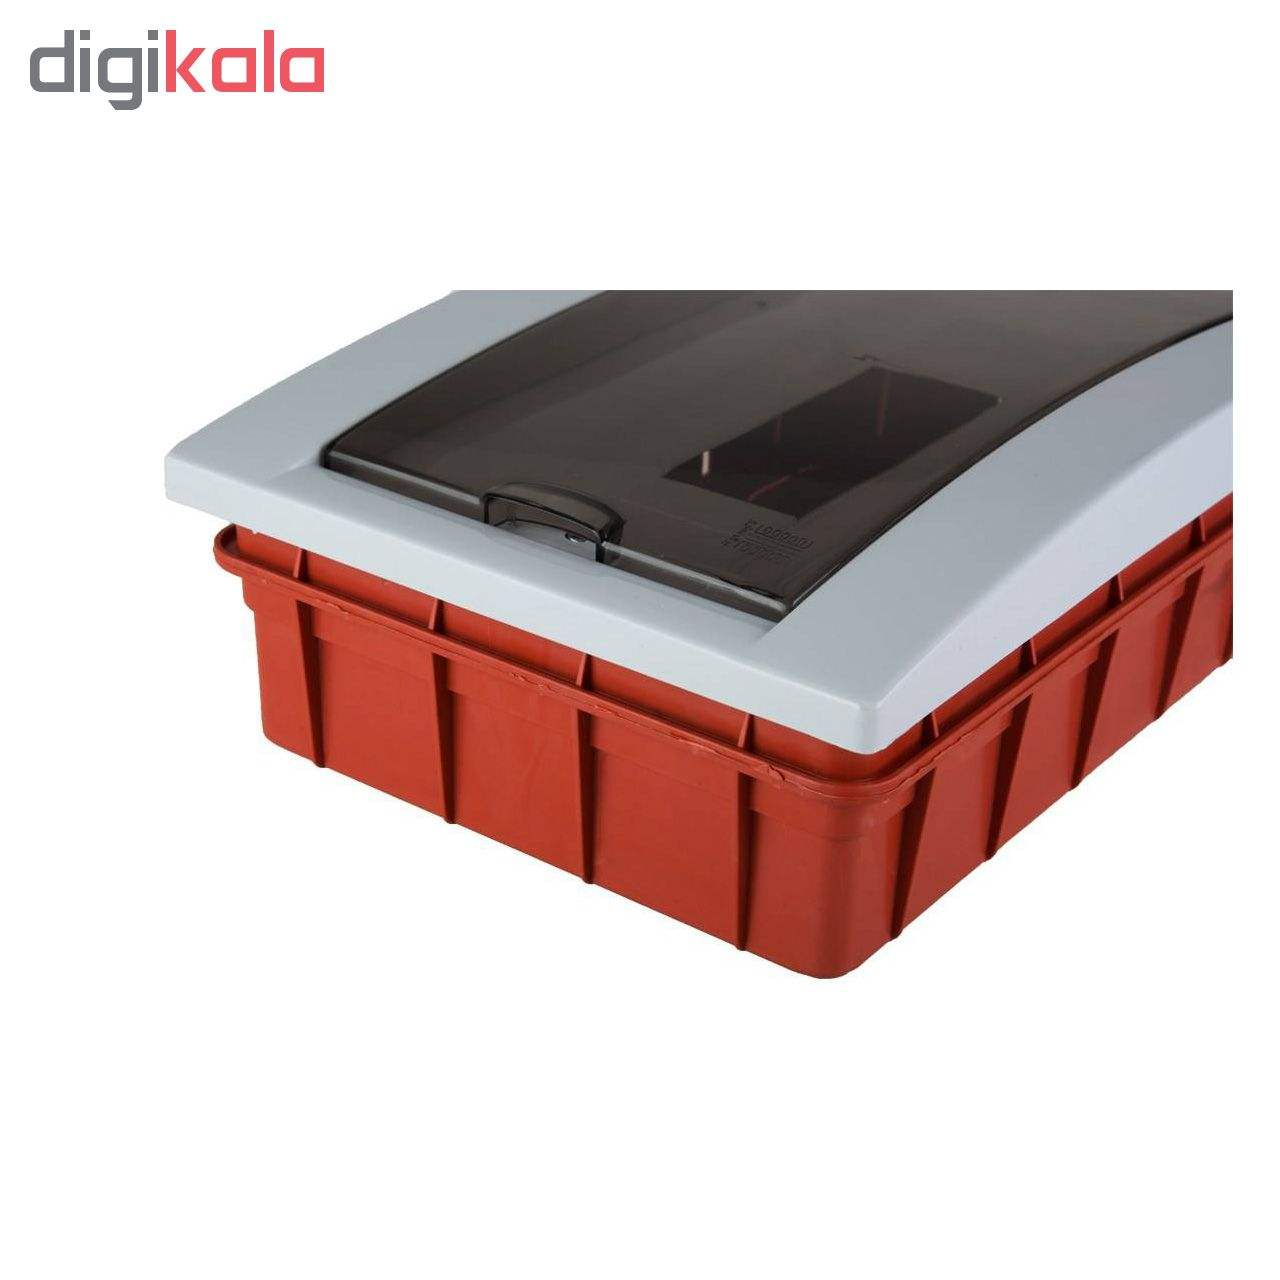 جعبه فیوز 8 عددی برق سارو مدل 1009 main 1 2